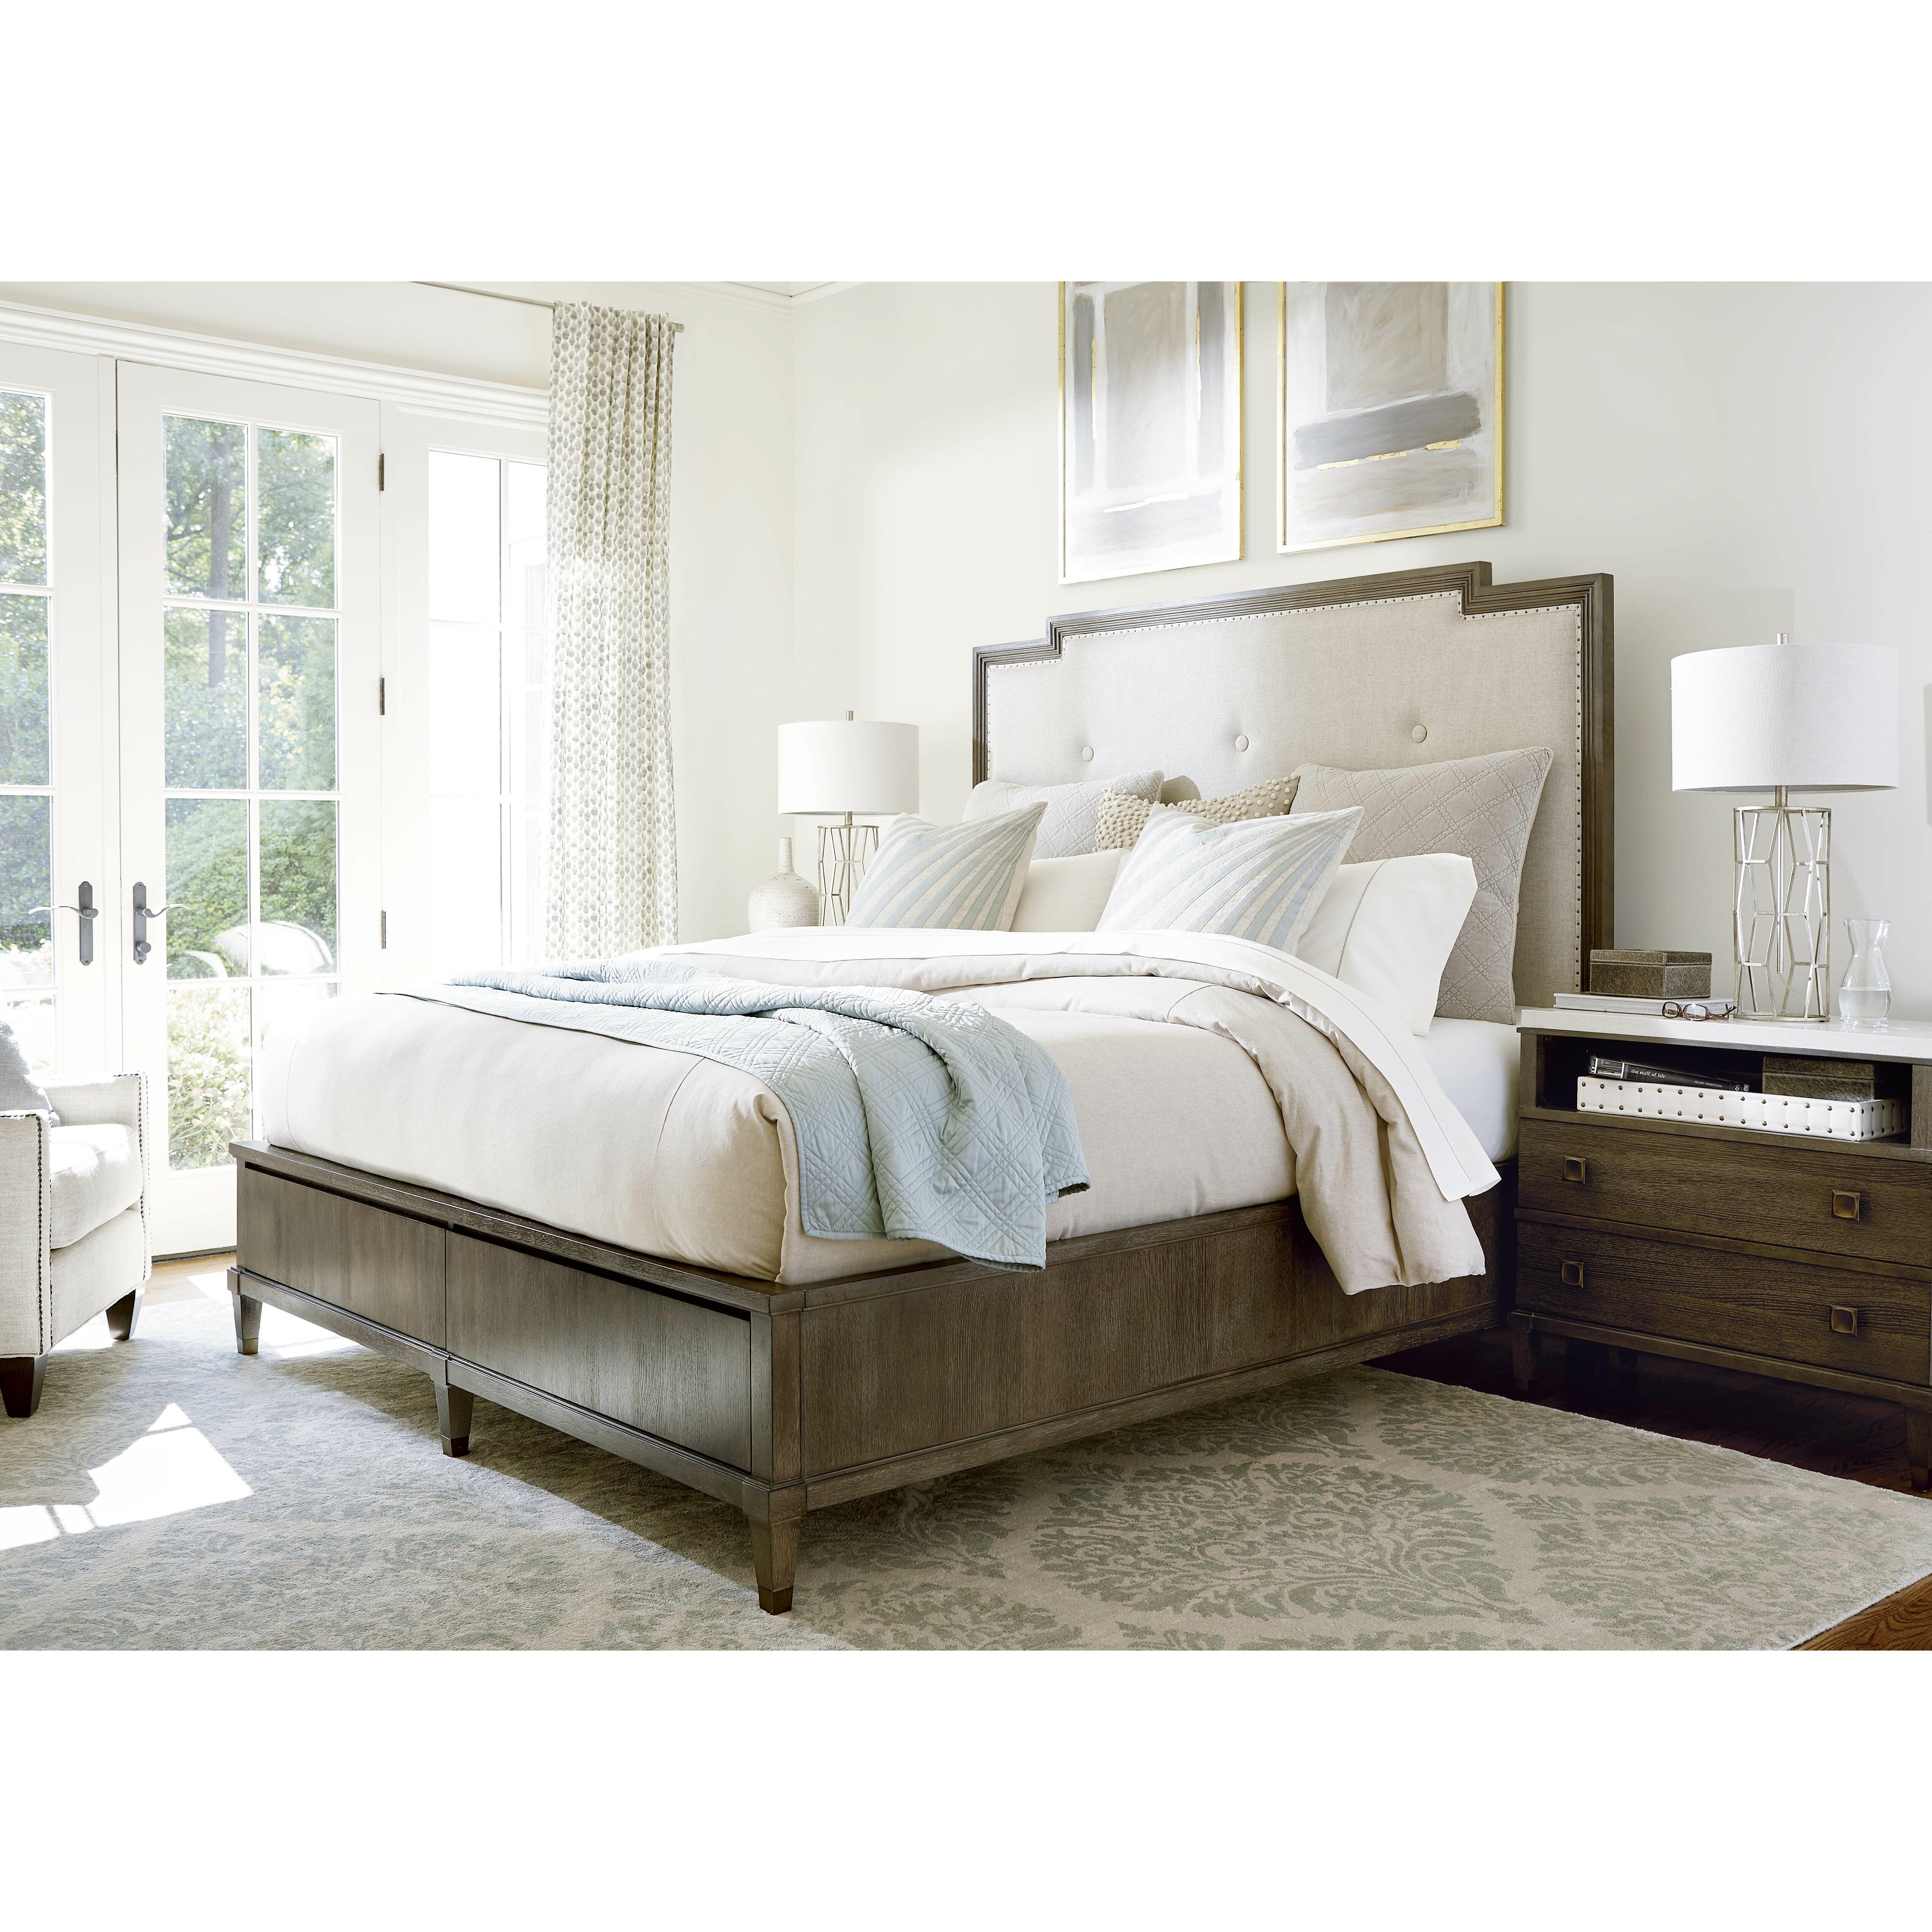 Universal furniture playlist upholstered storage platform - Platform bedroom sets with storage ...